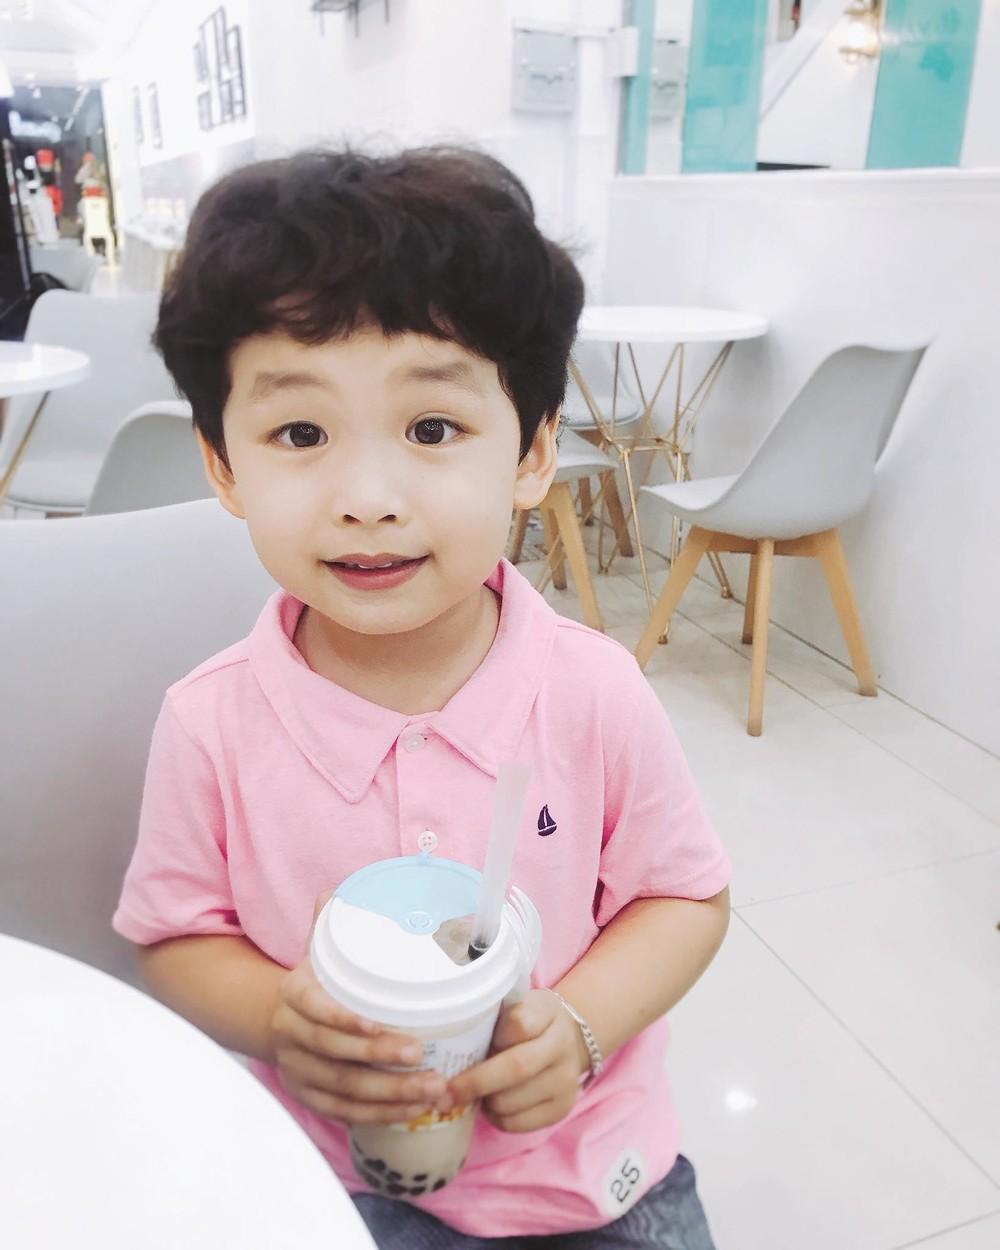 Dàn nhóc tỳ nhà sao Việt hào hứng đón Tết Trung thu 2018 - Ảnh 11.